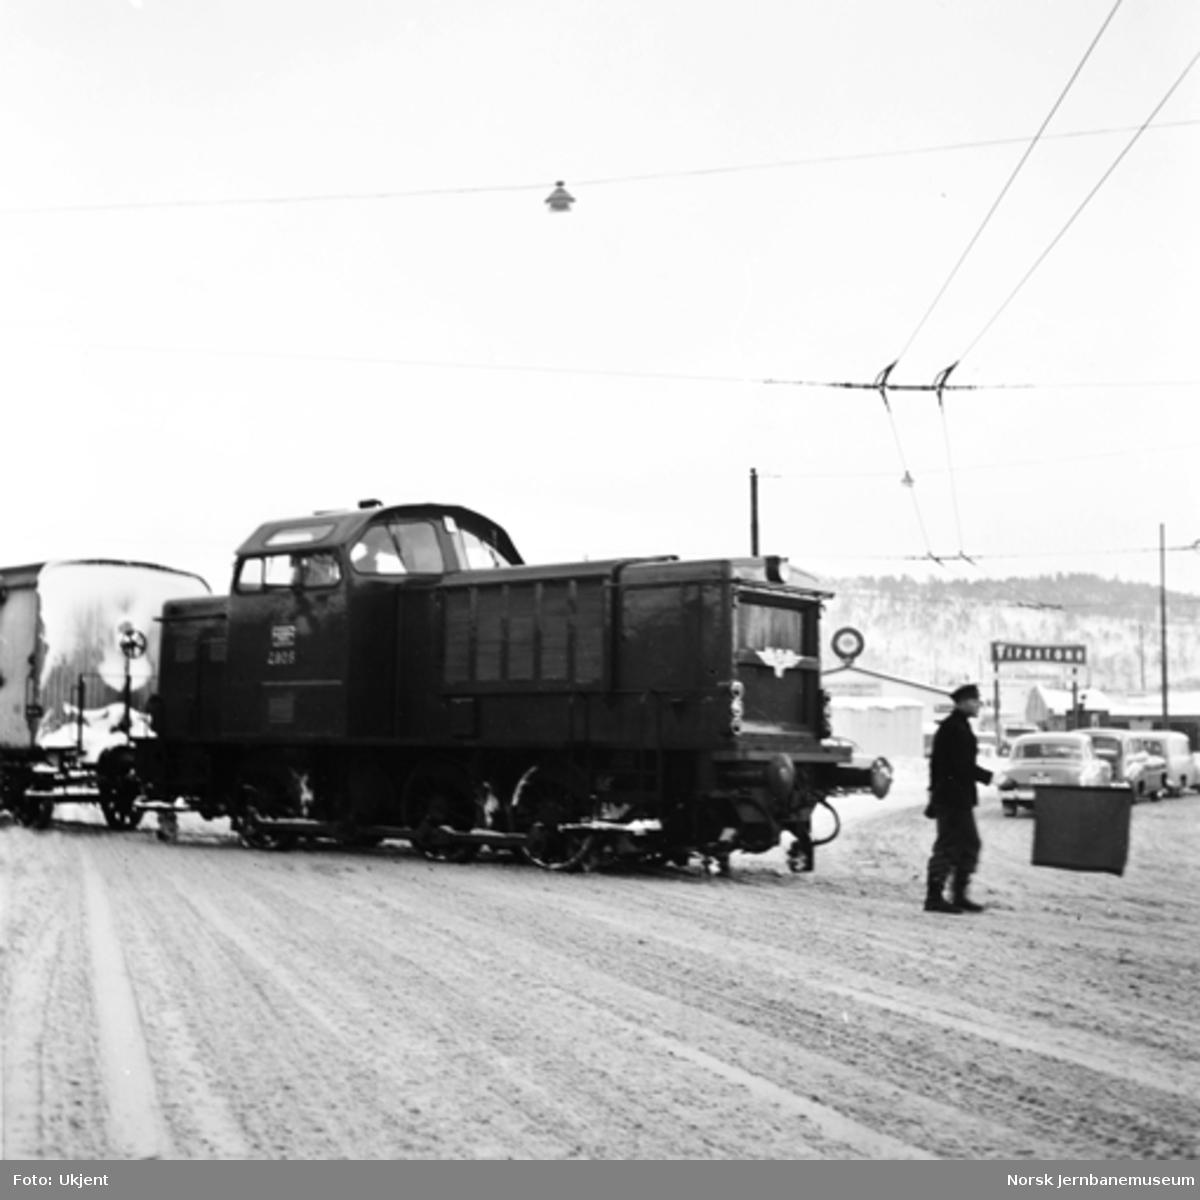 Diesel skiftelokomotiv type Di 2 nr. 805 i kippen til Havnebanen